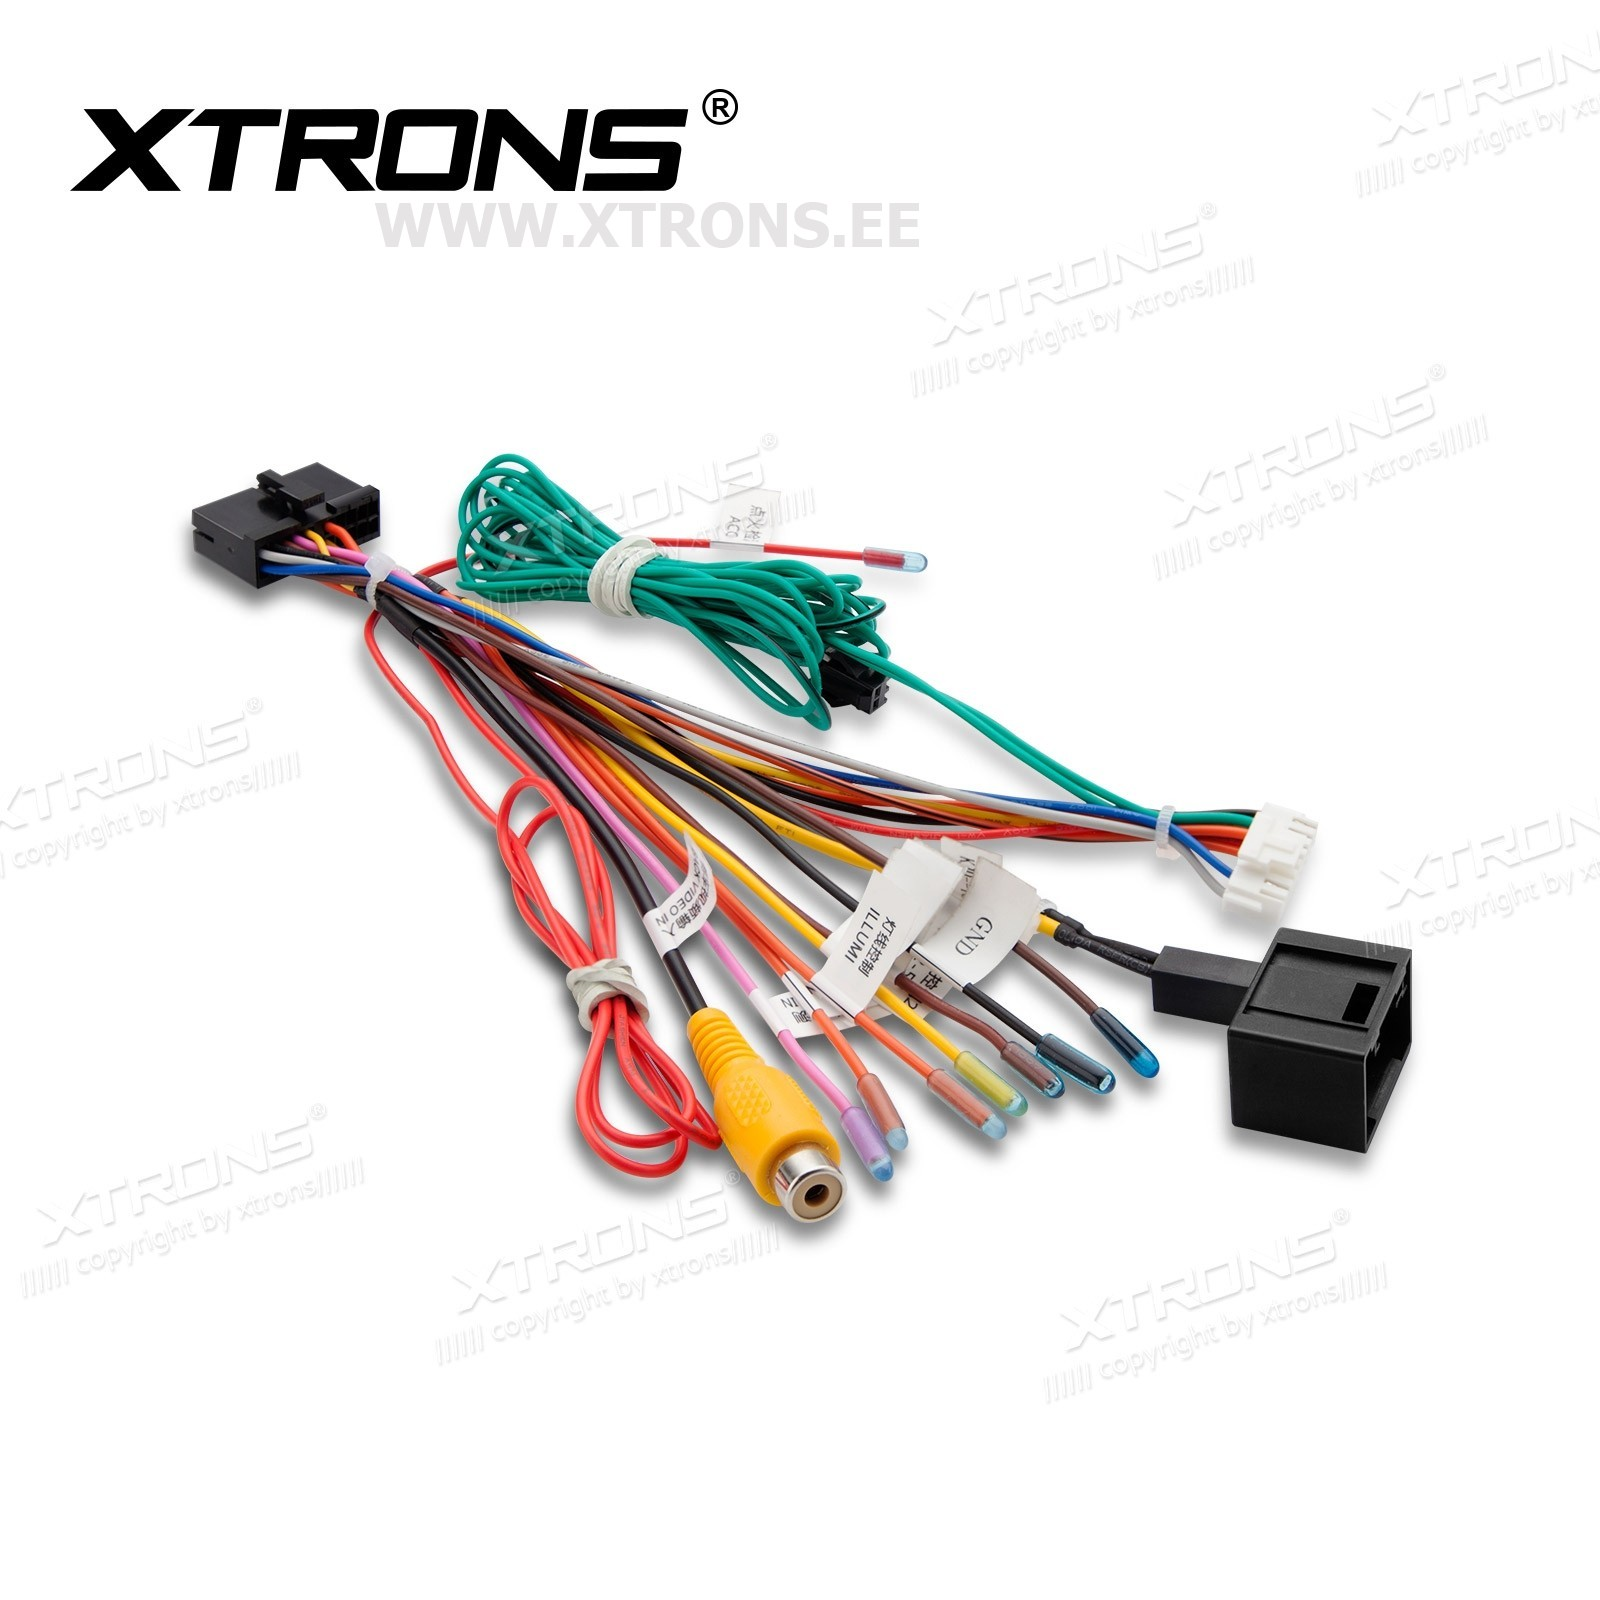 XTRONS AK/PA77M211/PWRC